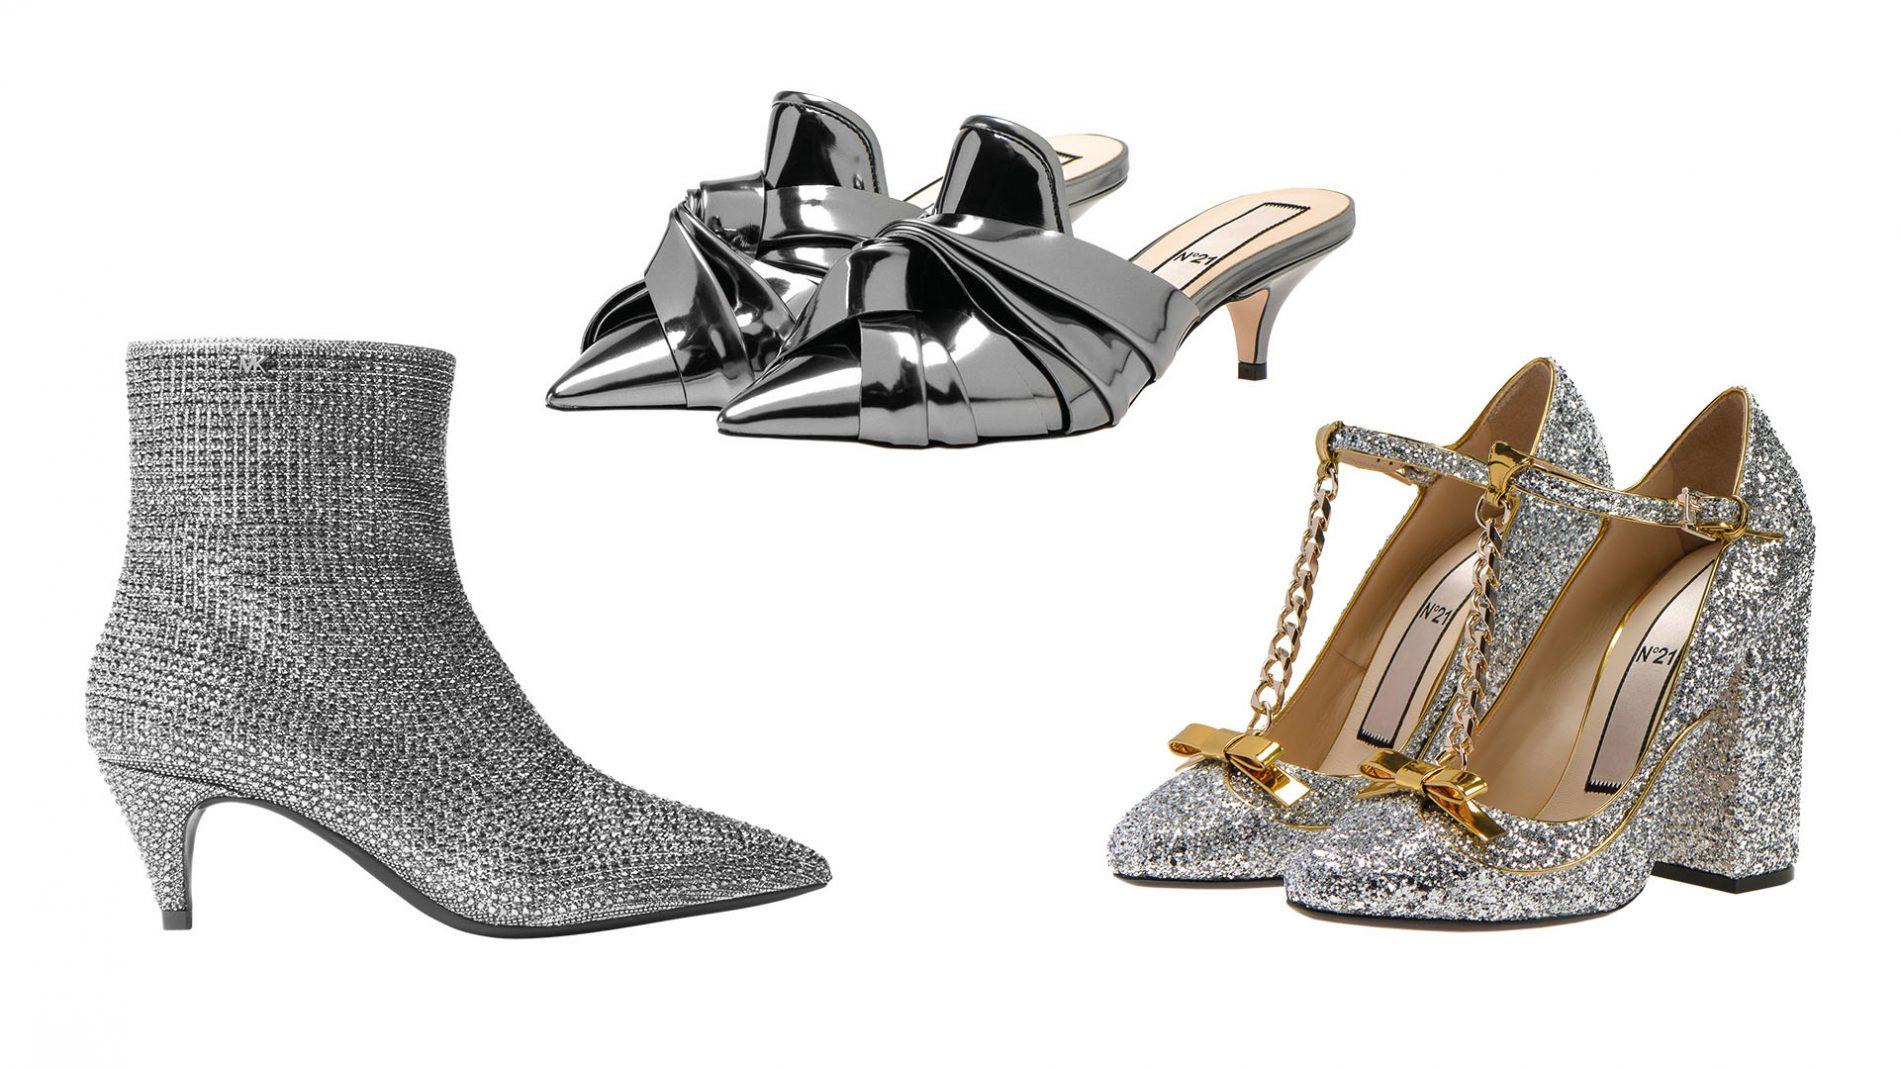 El Corte Inglés Diseñador Zapatos N21 Michael Kors